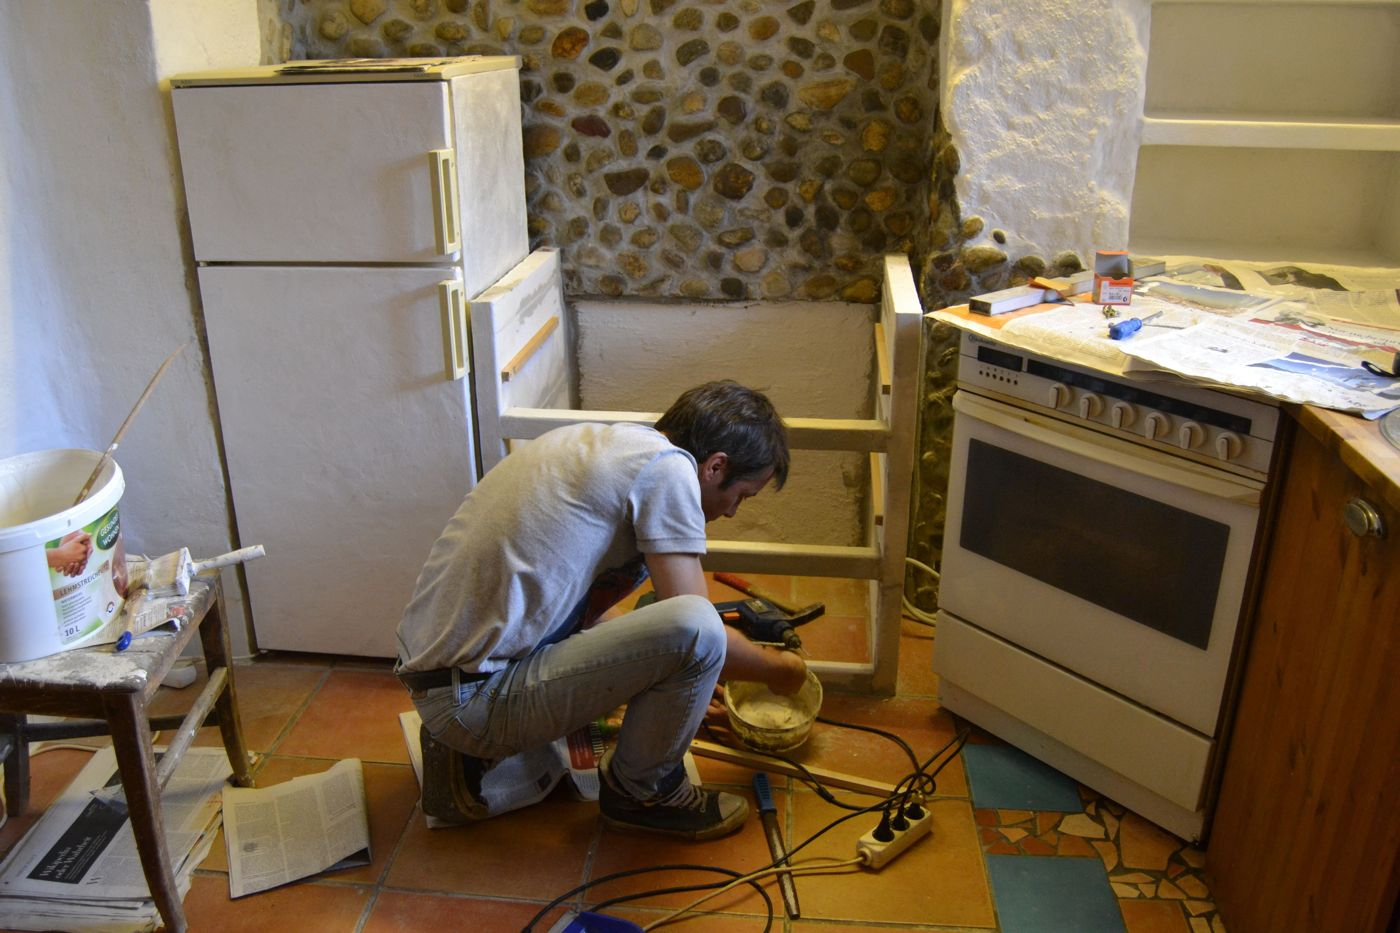 Küche Aus Ytong Steinen Selber Bauen. Katalanische Küche Wohn Ess ...